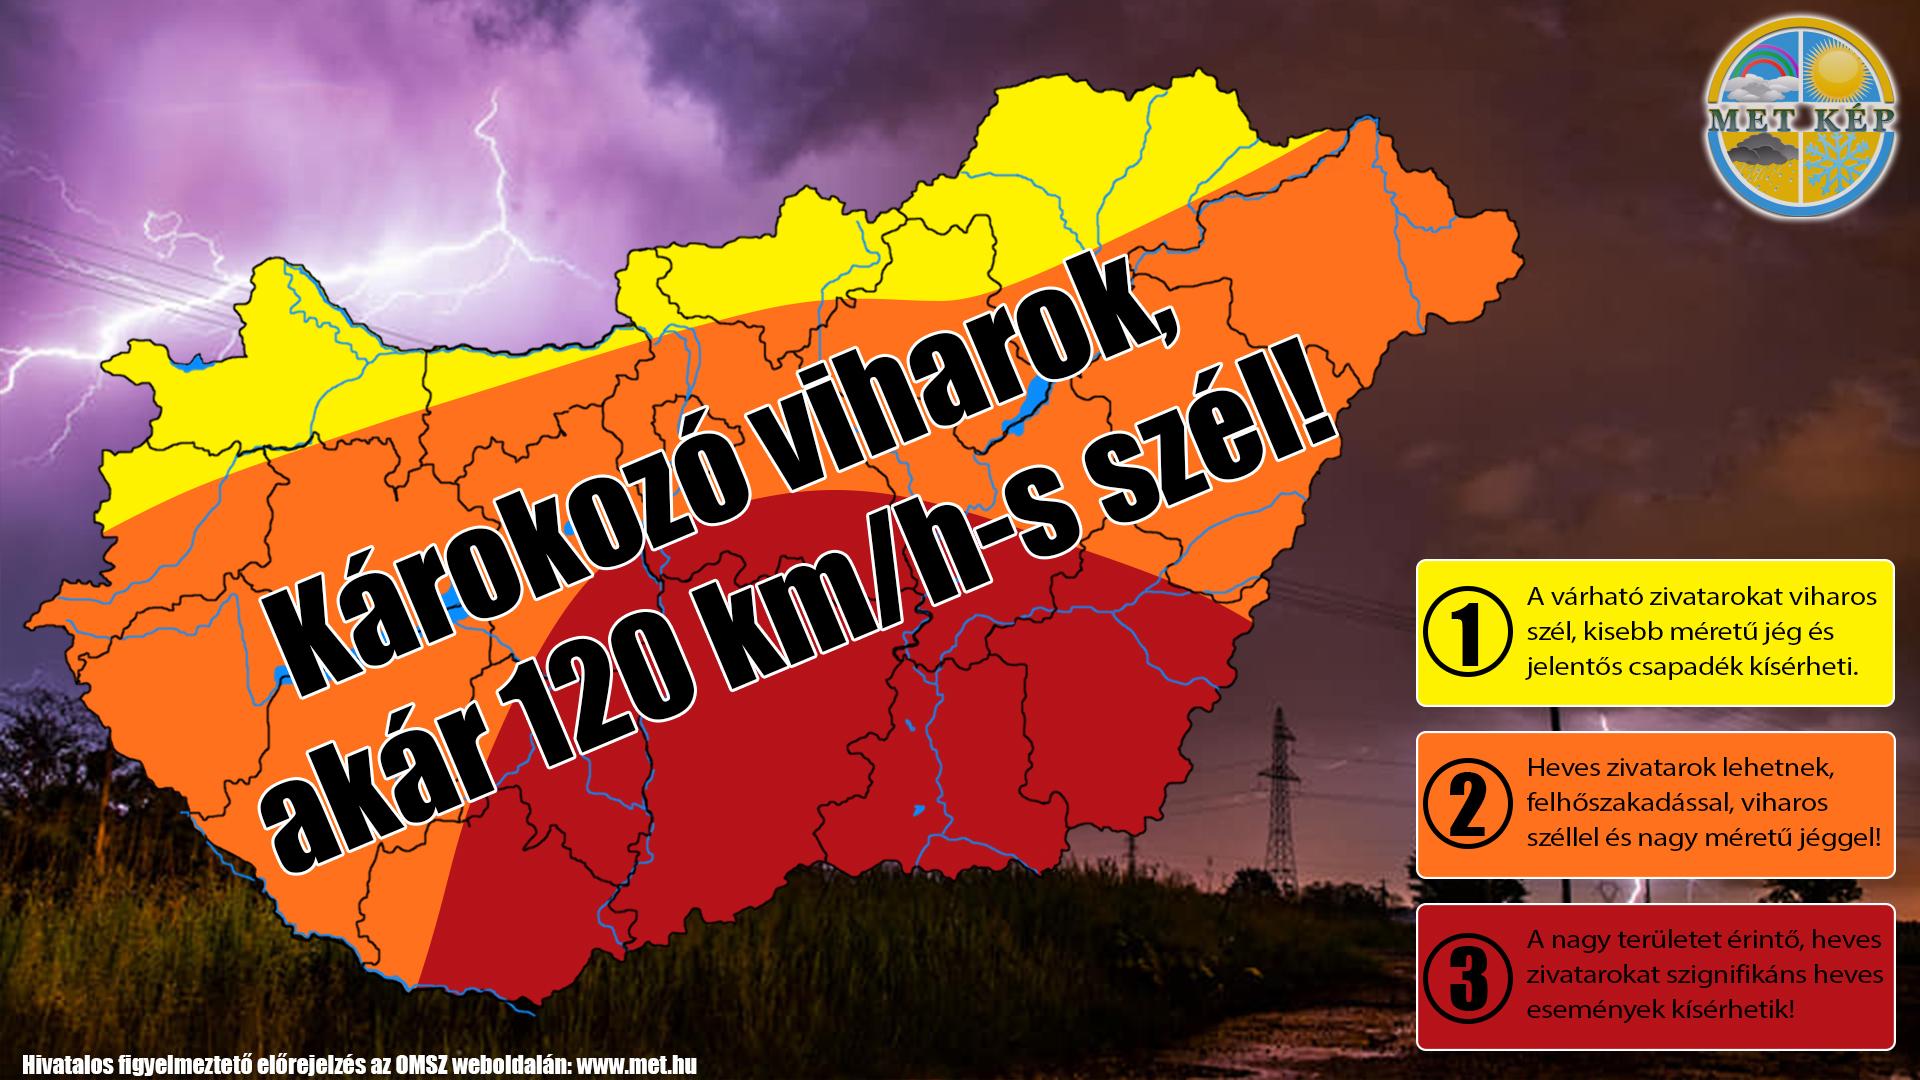 Piros figyelmeztetés: orkán erejű 120km/h-s szélvihar, nagy jég! 2